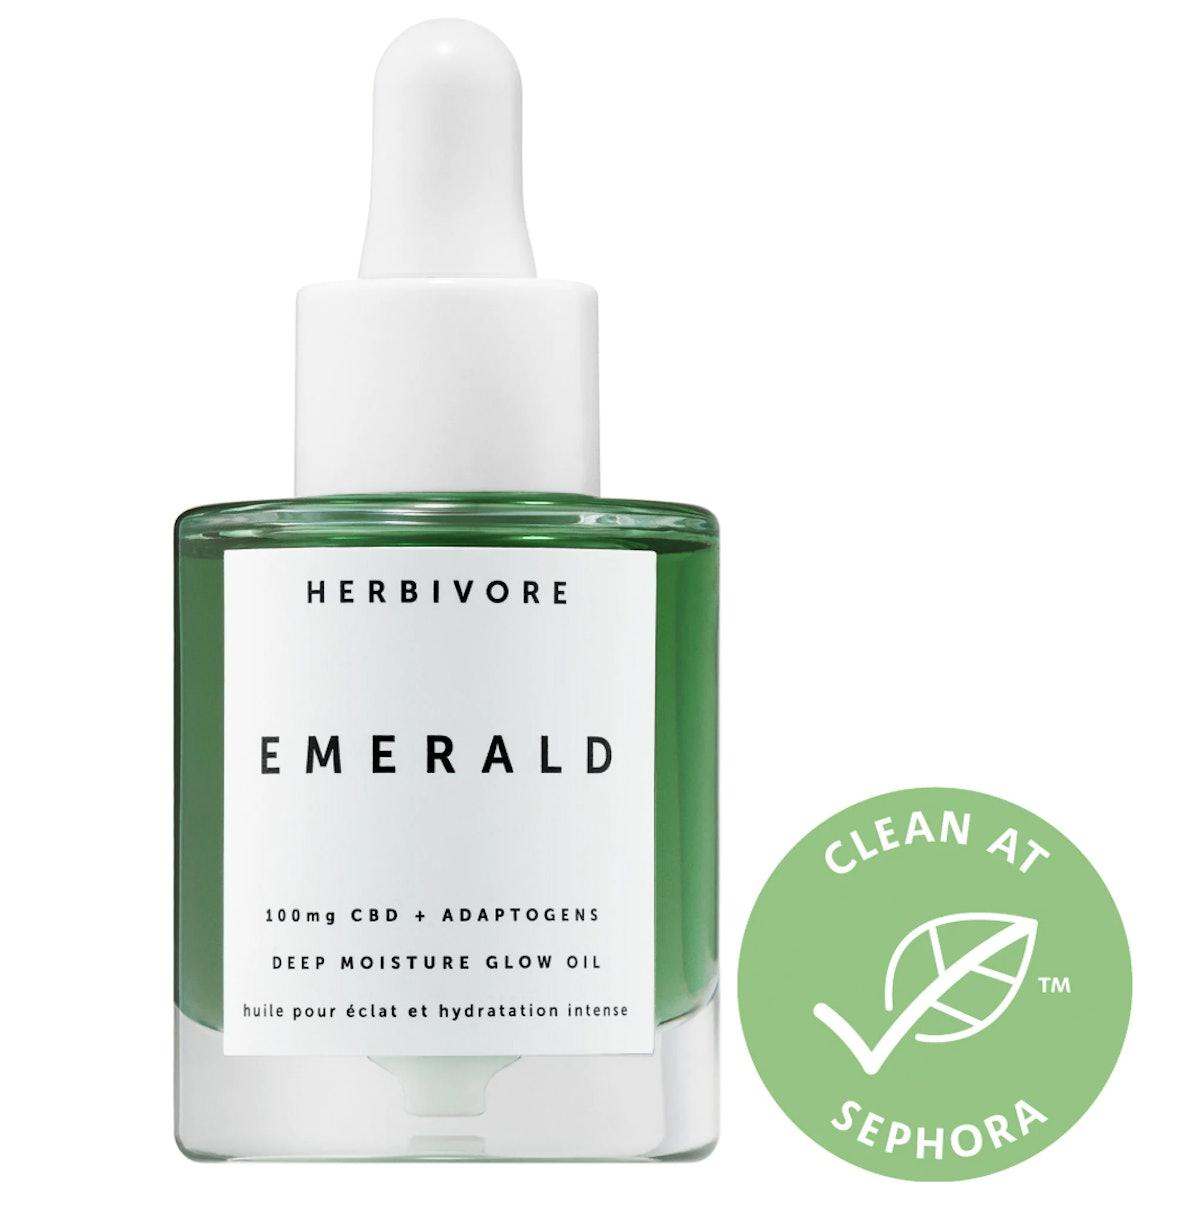 Herbivore Emerald CBD + Adaptogens Deep Moisture Glow Oil